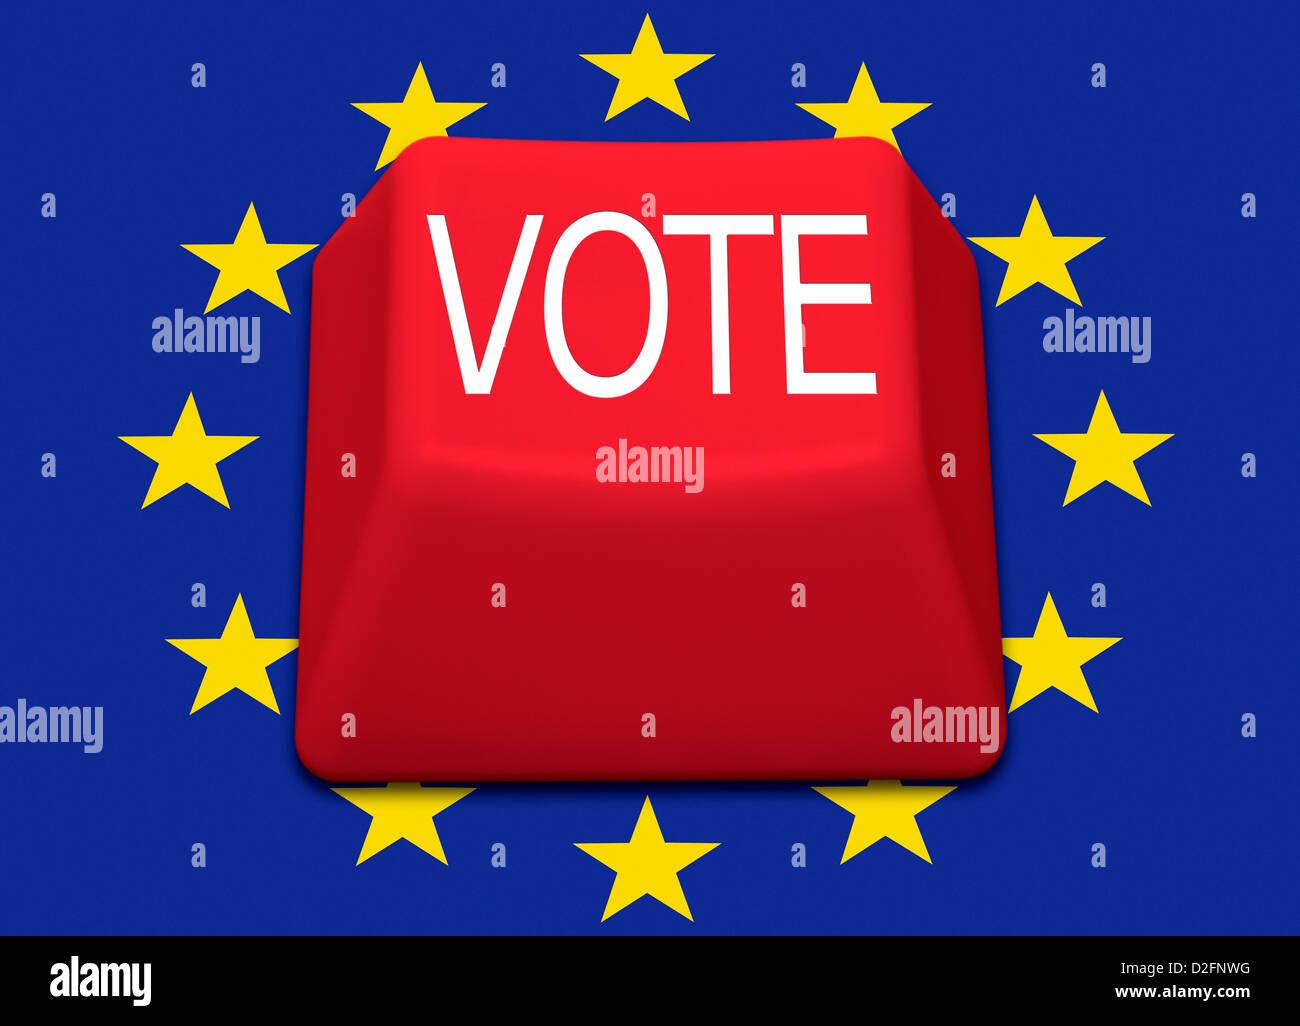 Ordinateur rouge isolé avec le mot clé Vote sur un drapeau de l'Union européenne contexte - Royaume Photo Stock